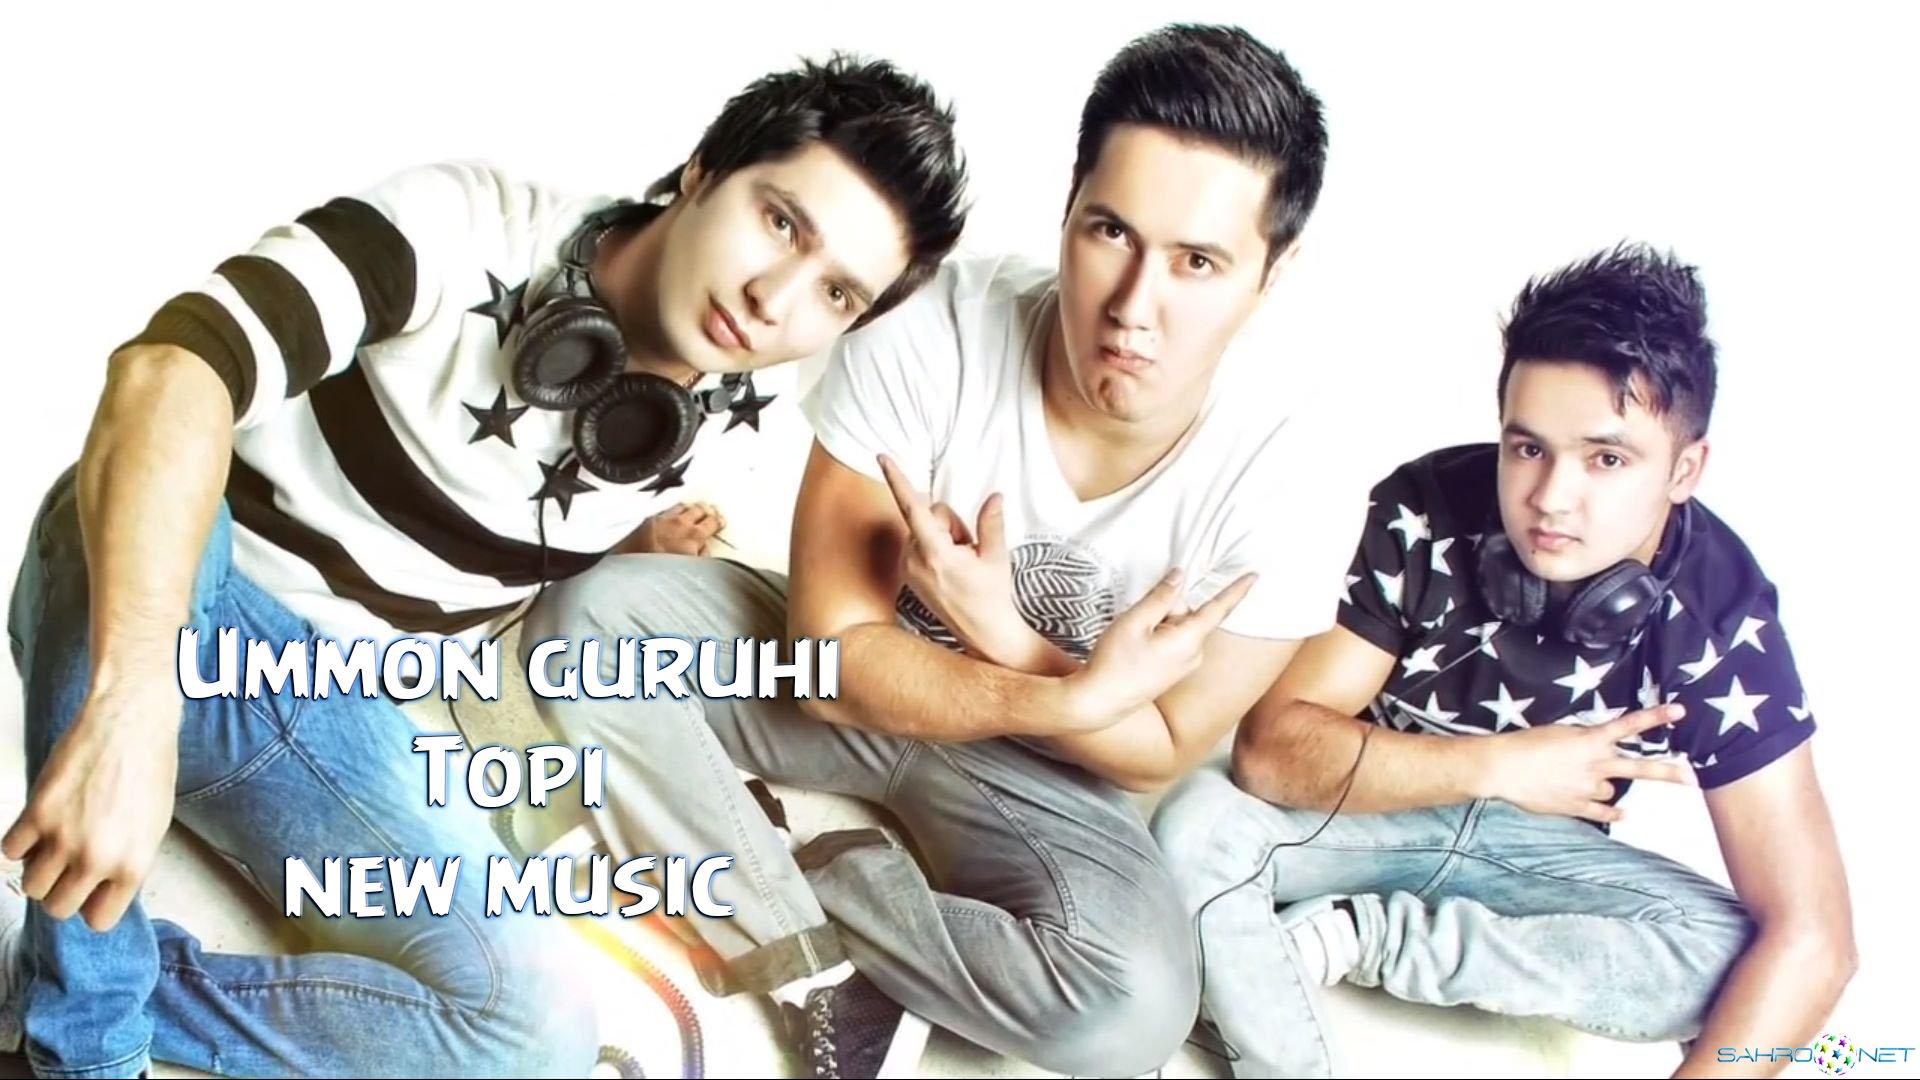 Ummon guruhi - Topi (Узбек Янги MP3kfh 2015) скачать бесплатно